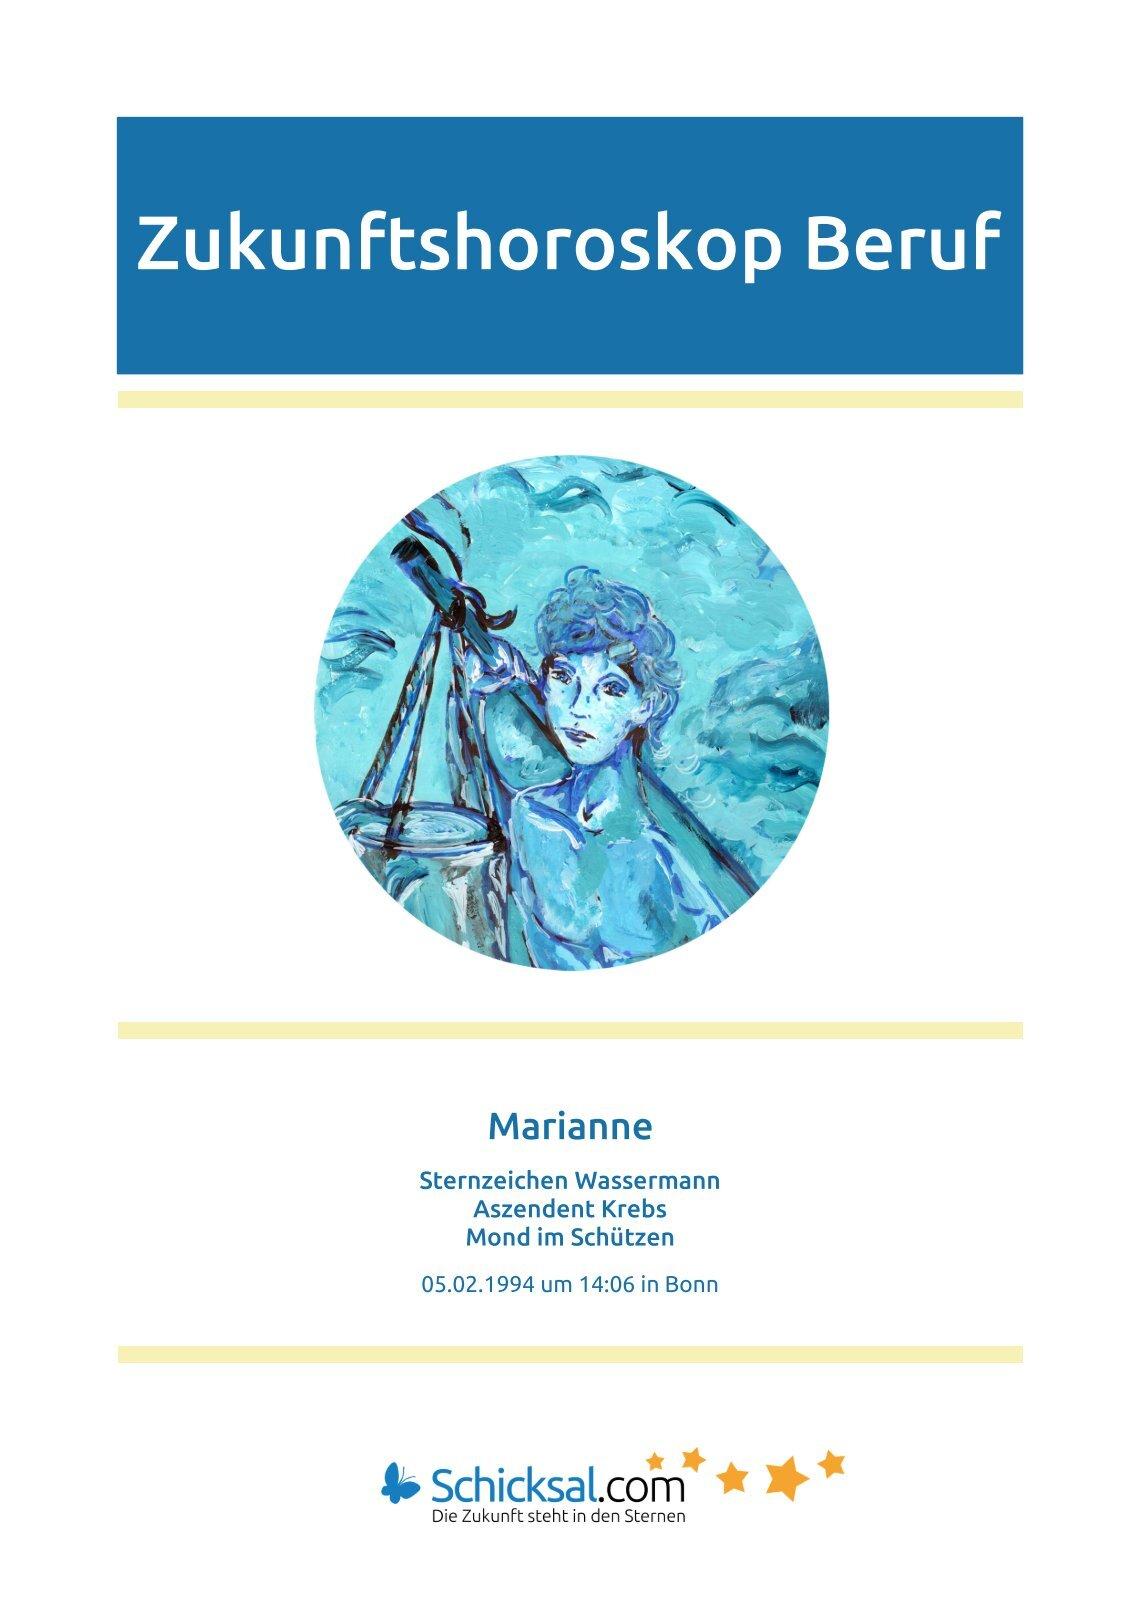 Wassermann - Zukunftshoroskop - Beruf